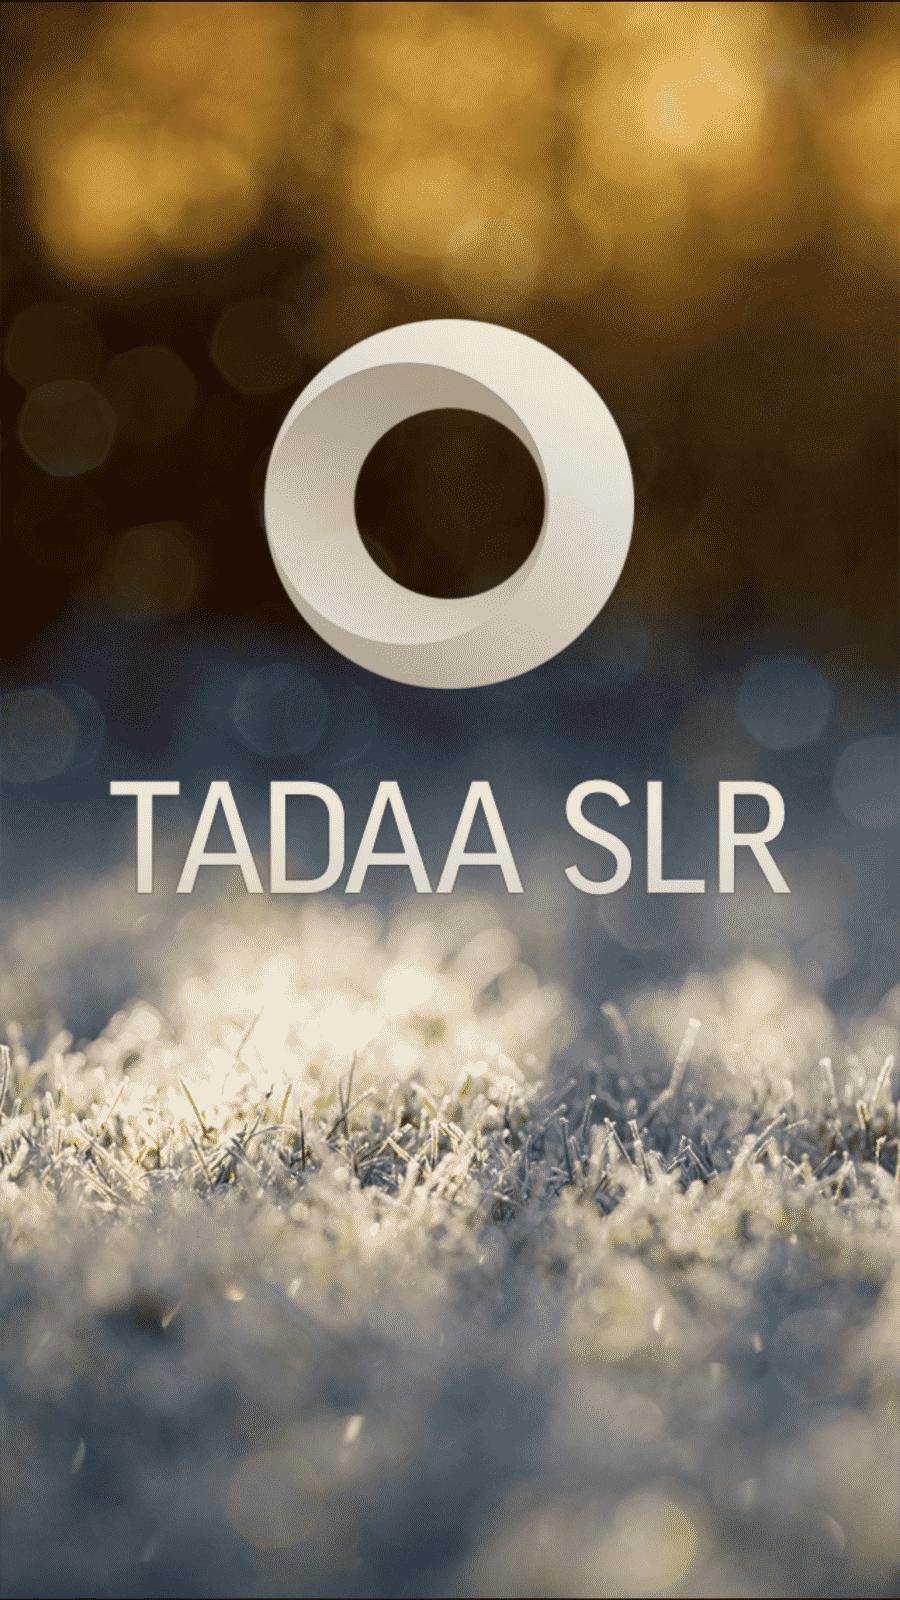 Aplikasi-Bokeh-Video-Tadaa-SLR